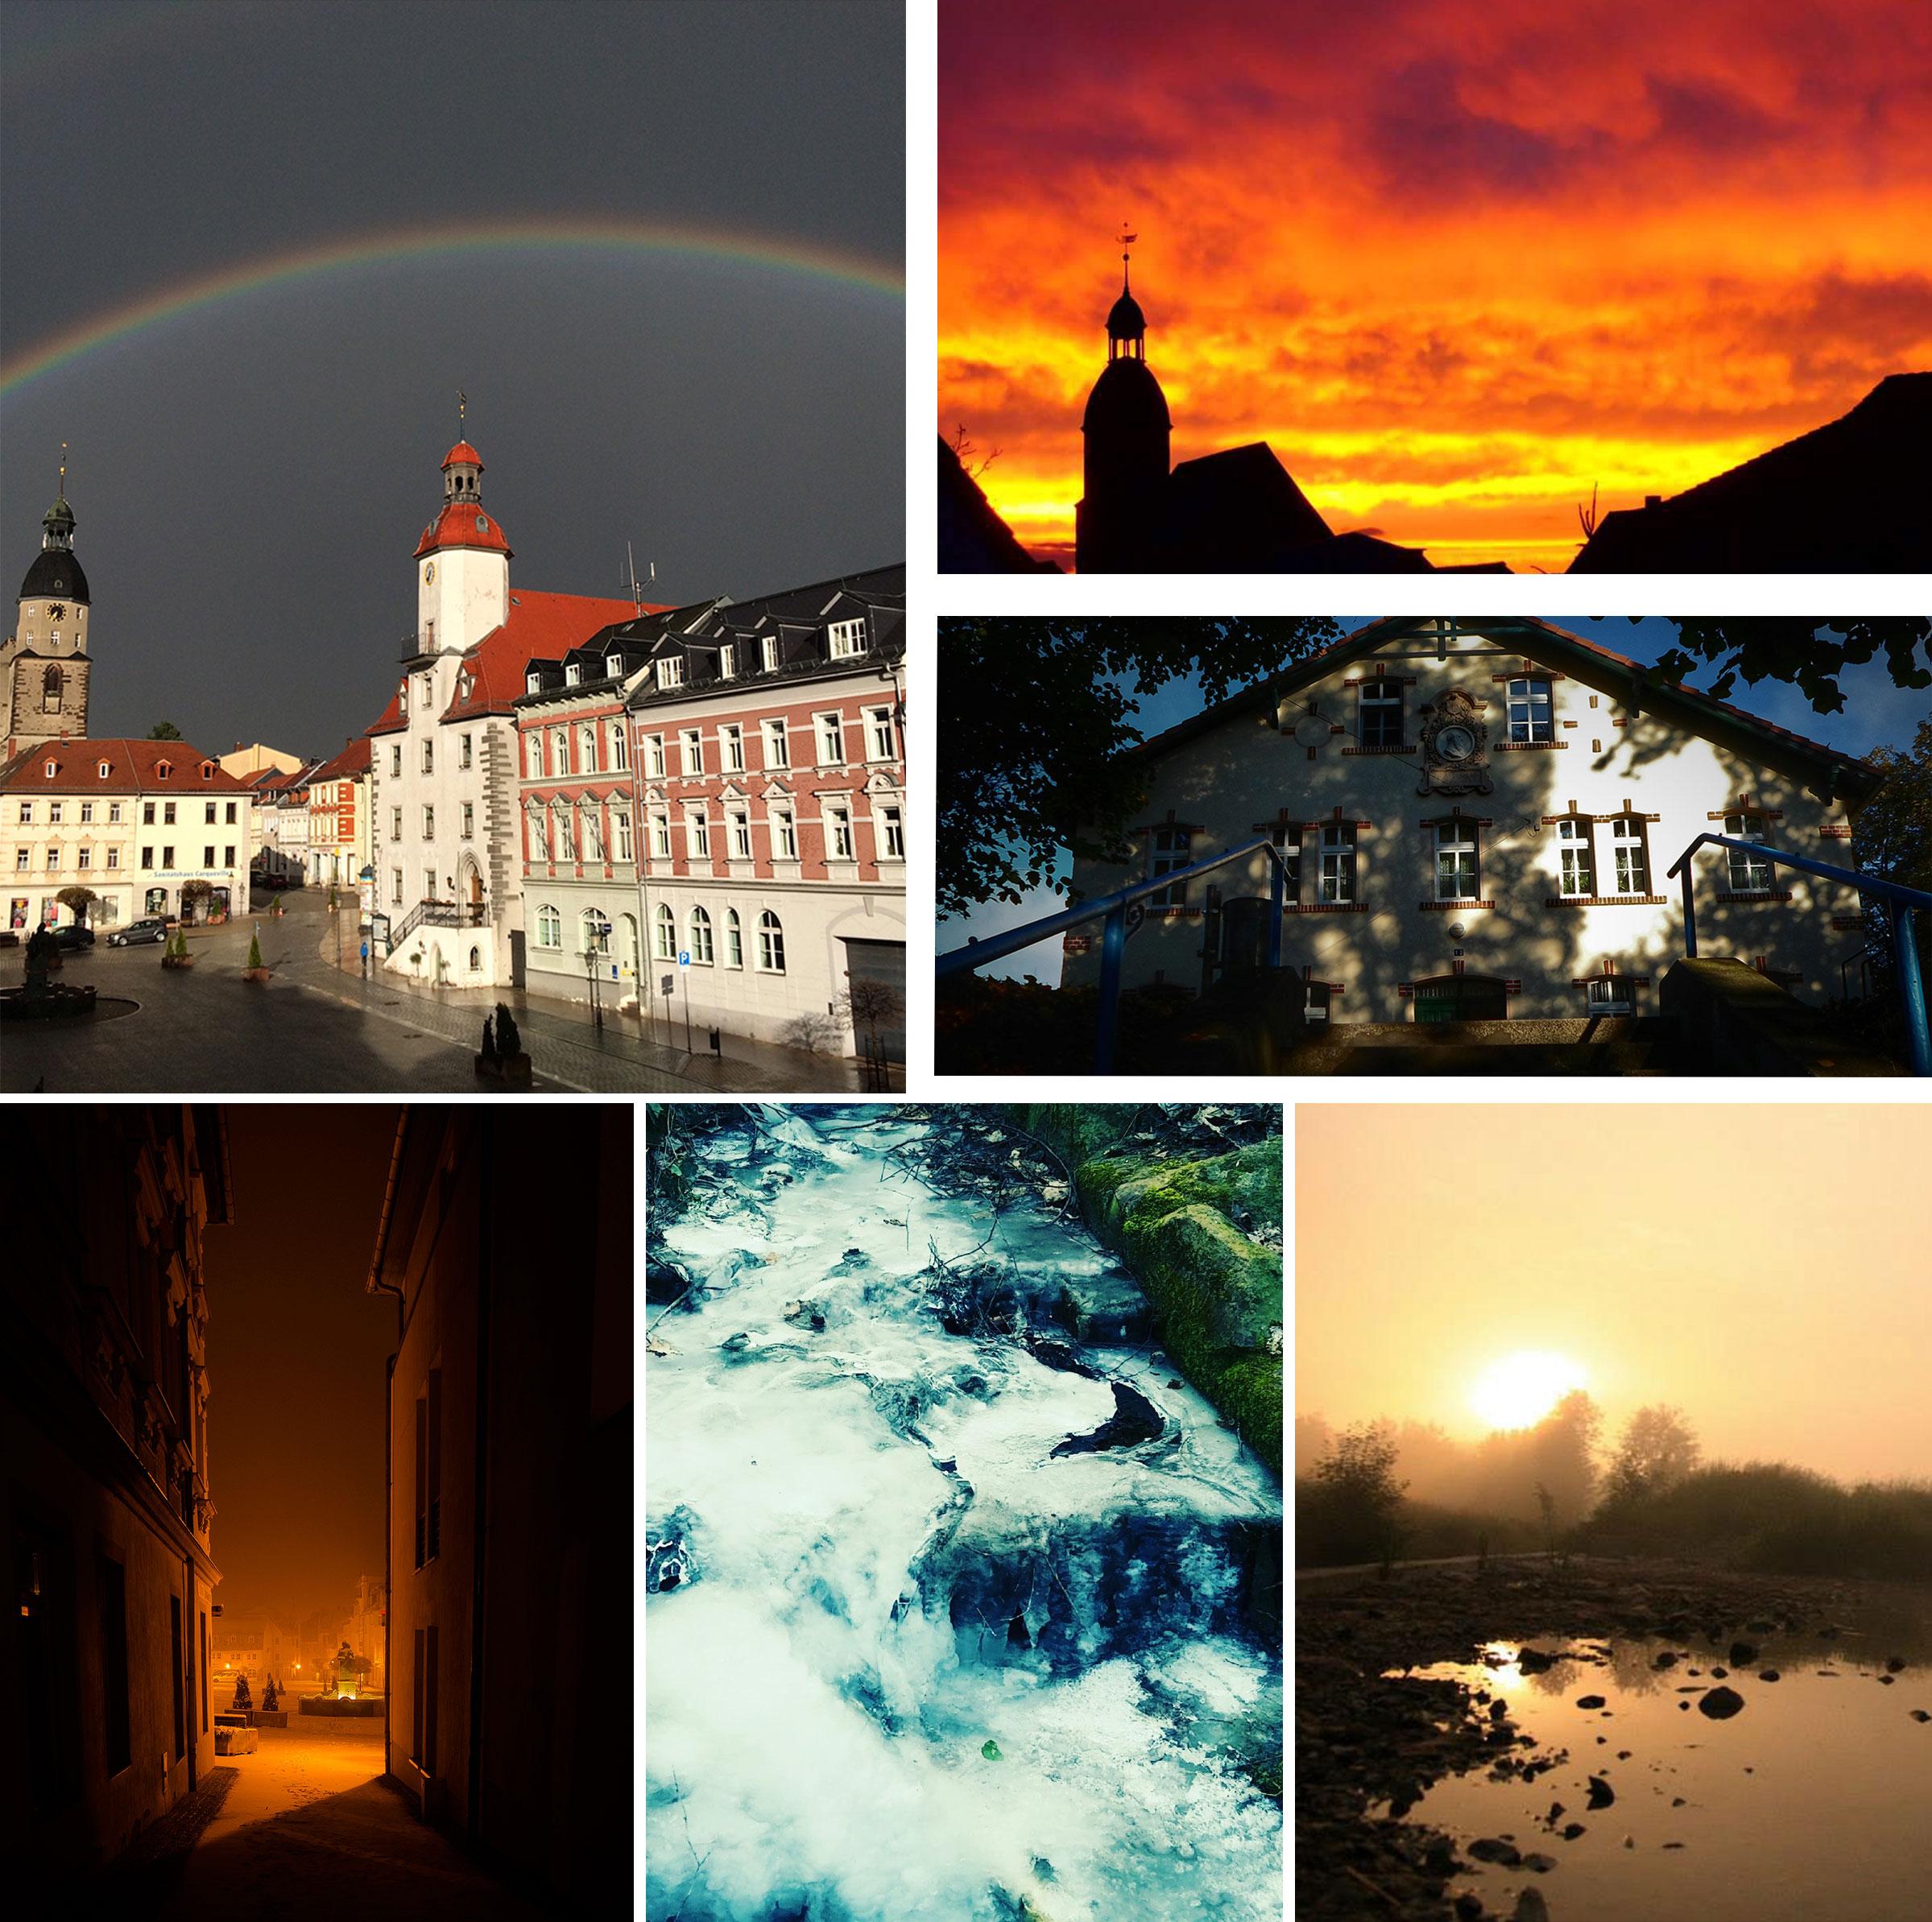 """Fotowettbewerb """"Mein Schmölln"""" - Woche 2 - 09.04. - 13.04.18"""